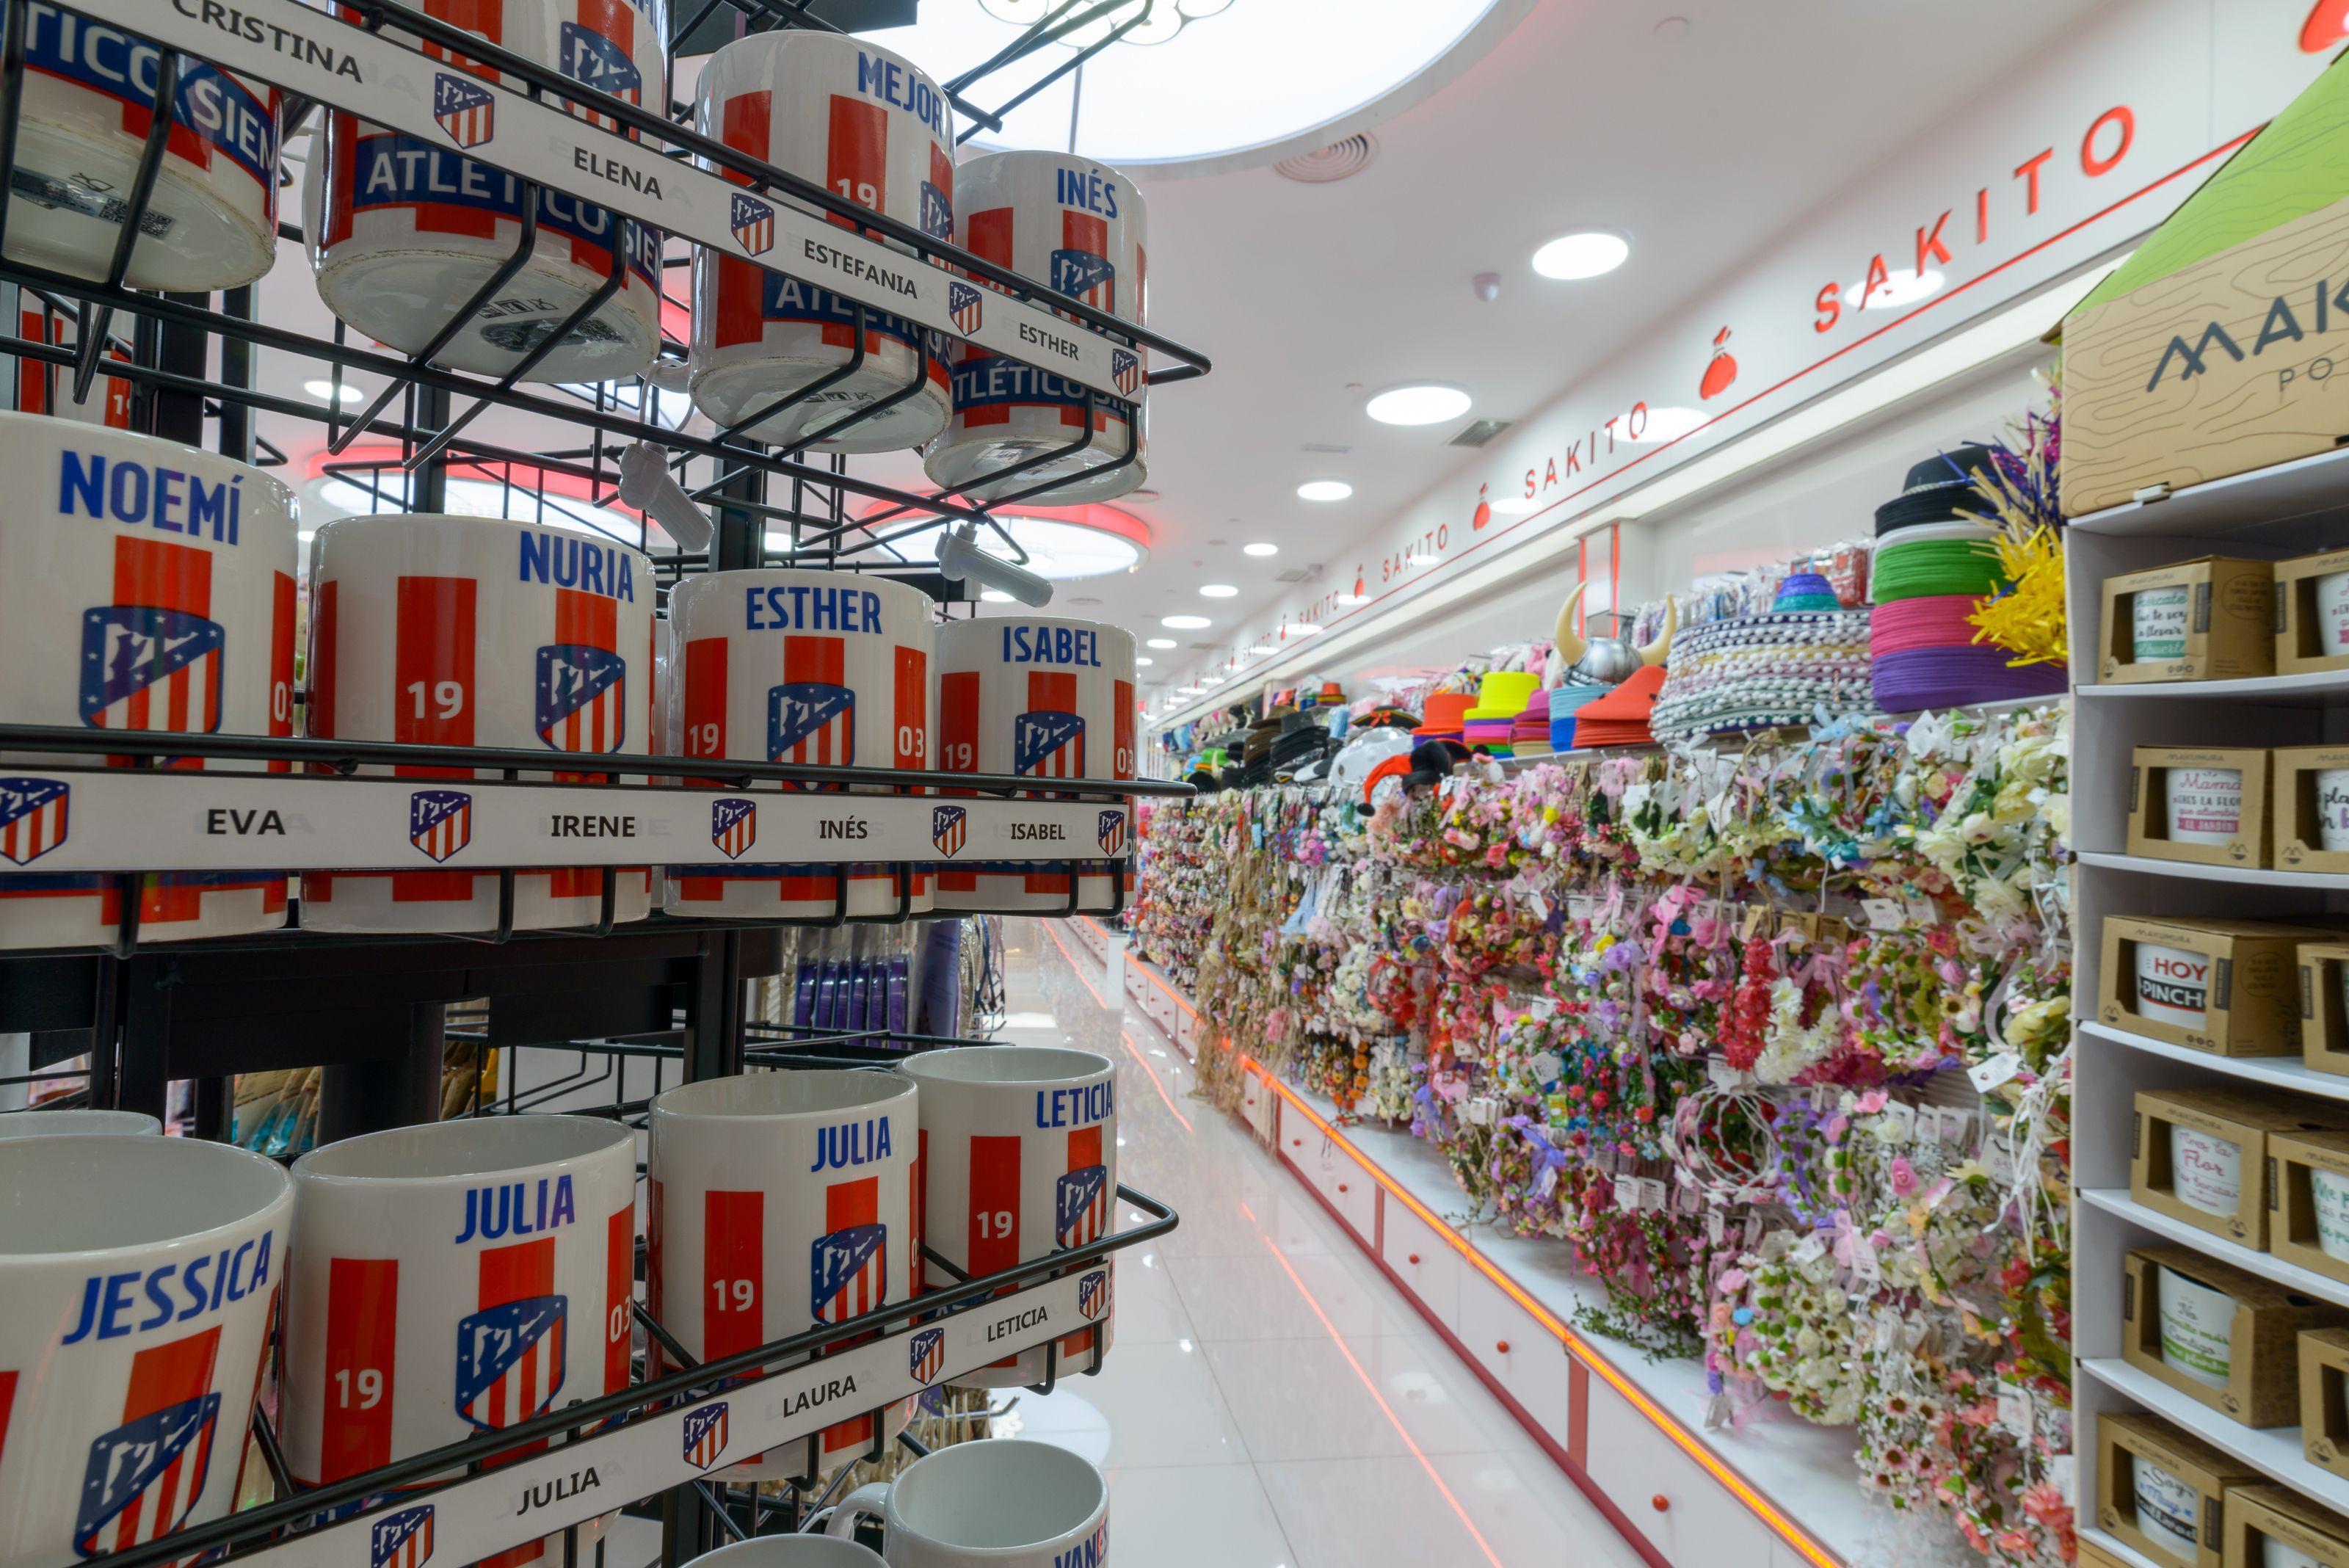 Tienda de venta de complementos en Torrejón de Ardoz